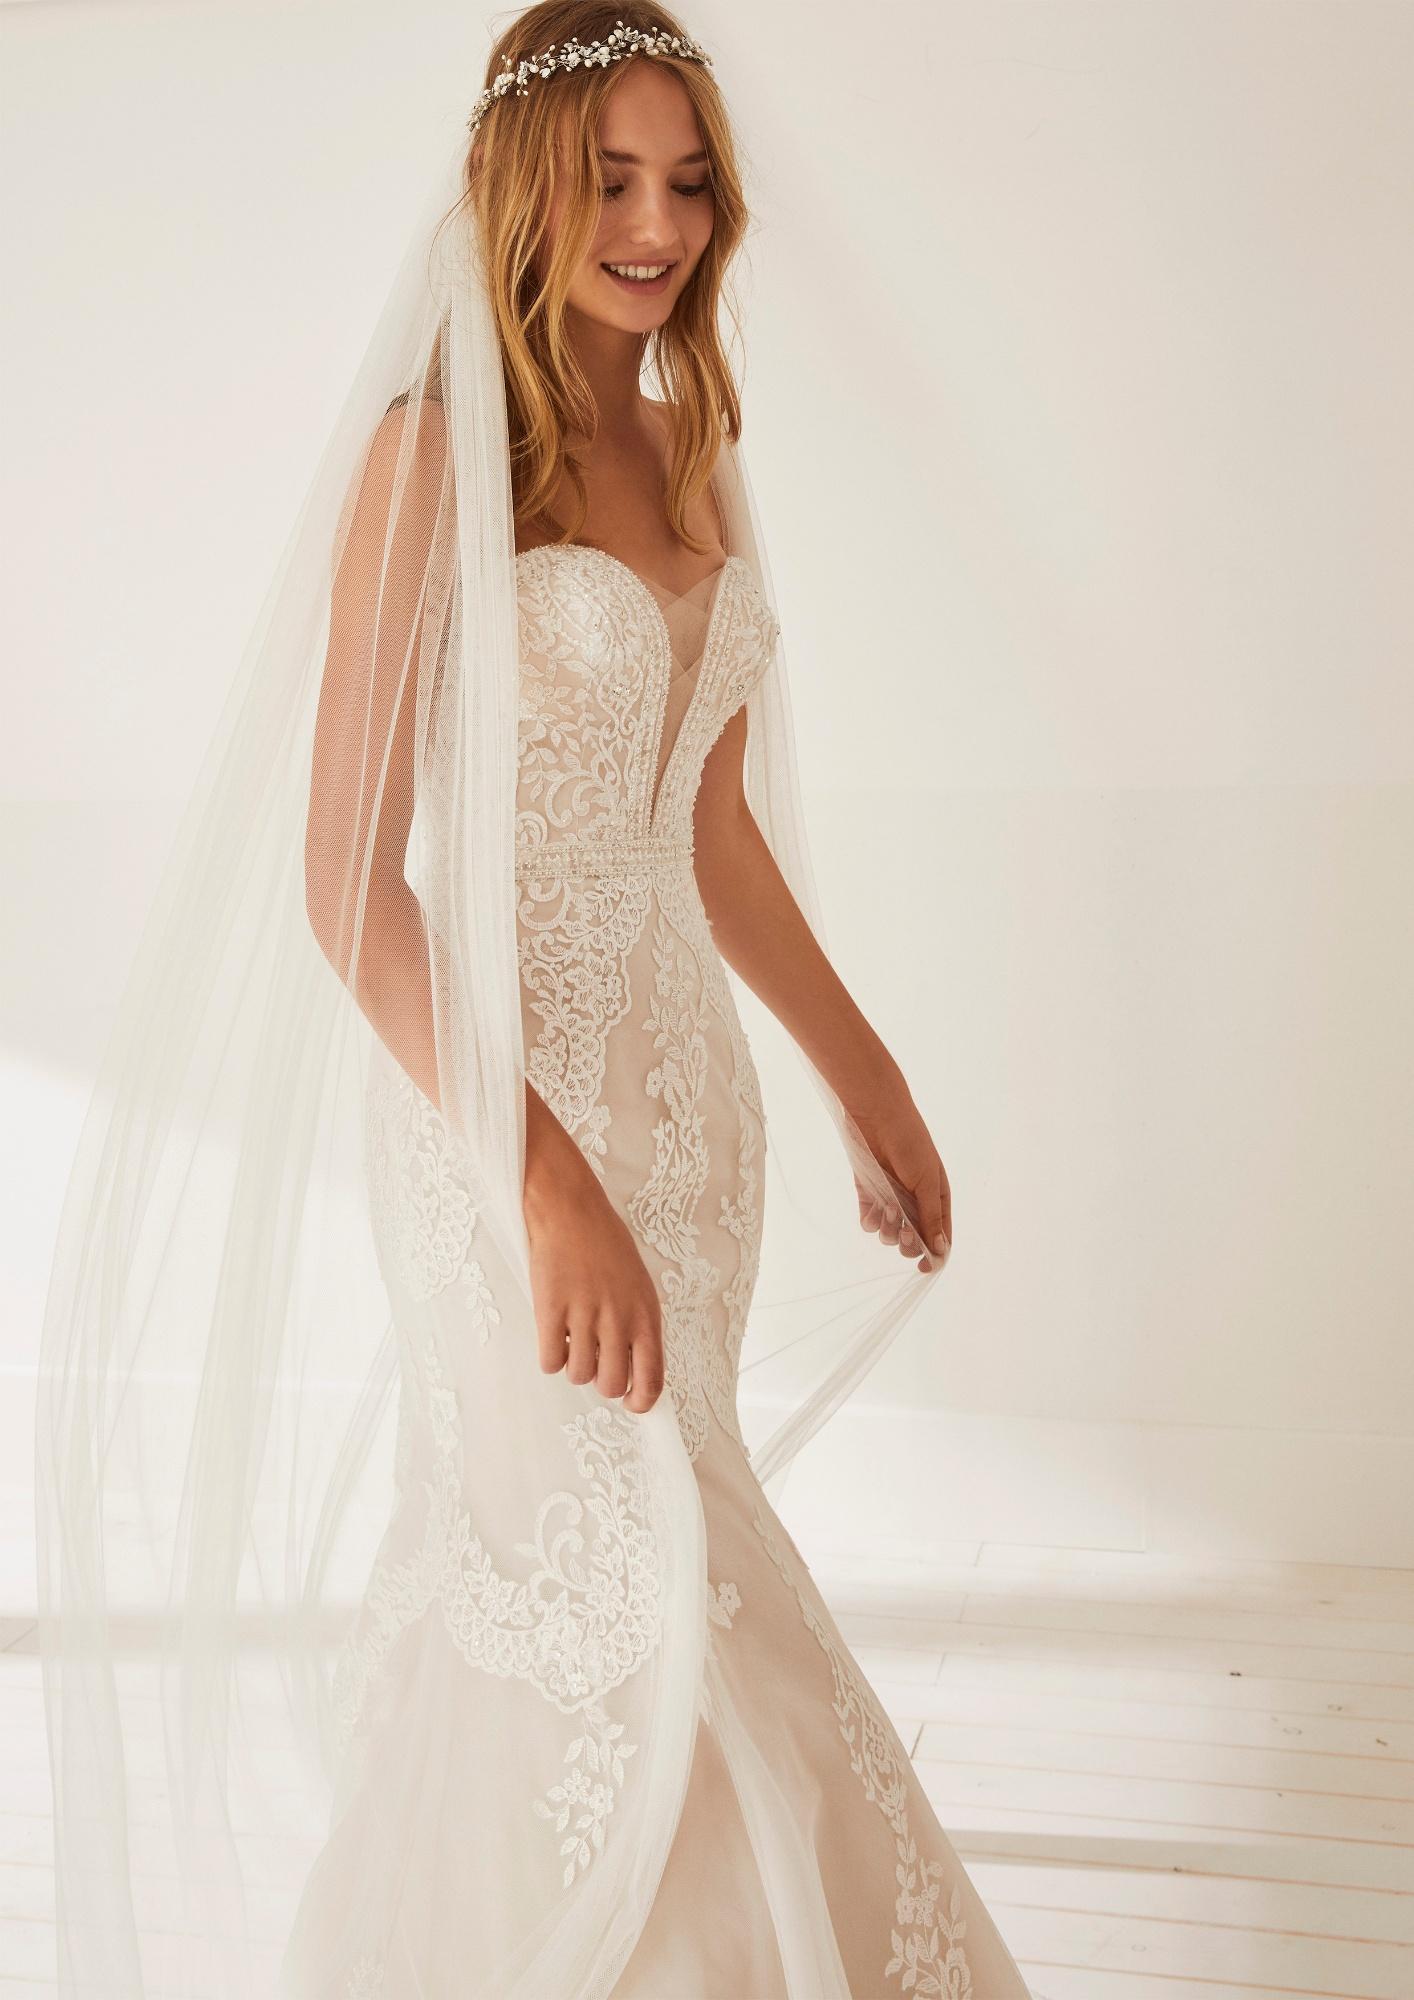 Palma del rio cordoba vestidos de novia